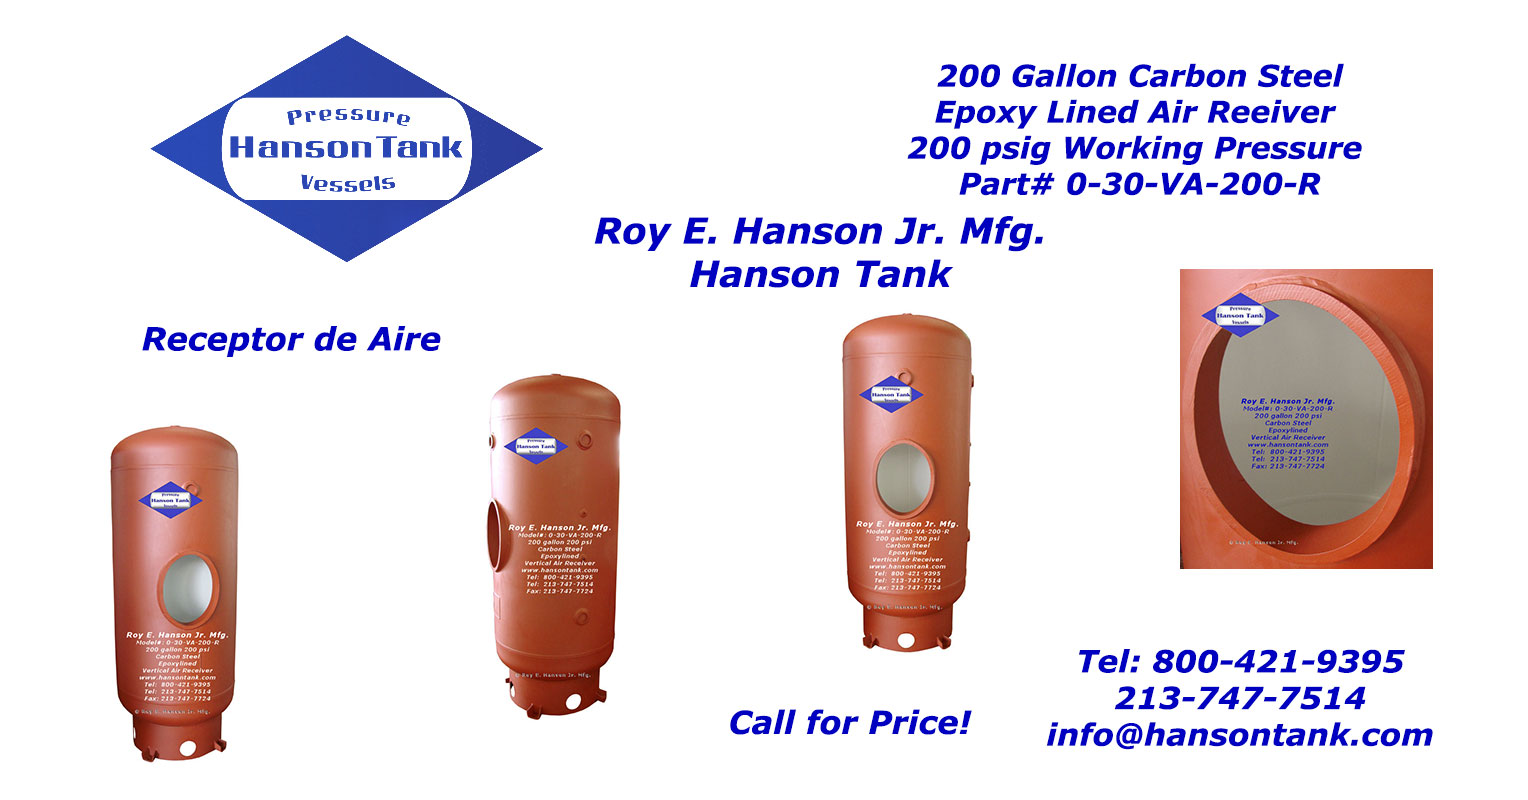 0-30-VA-200-R air receiver